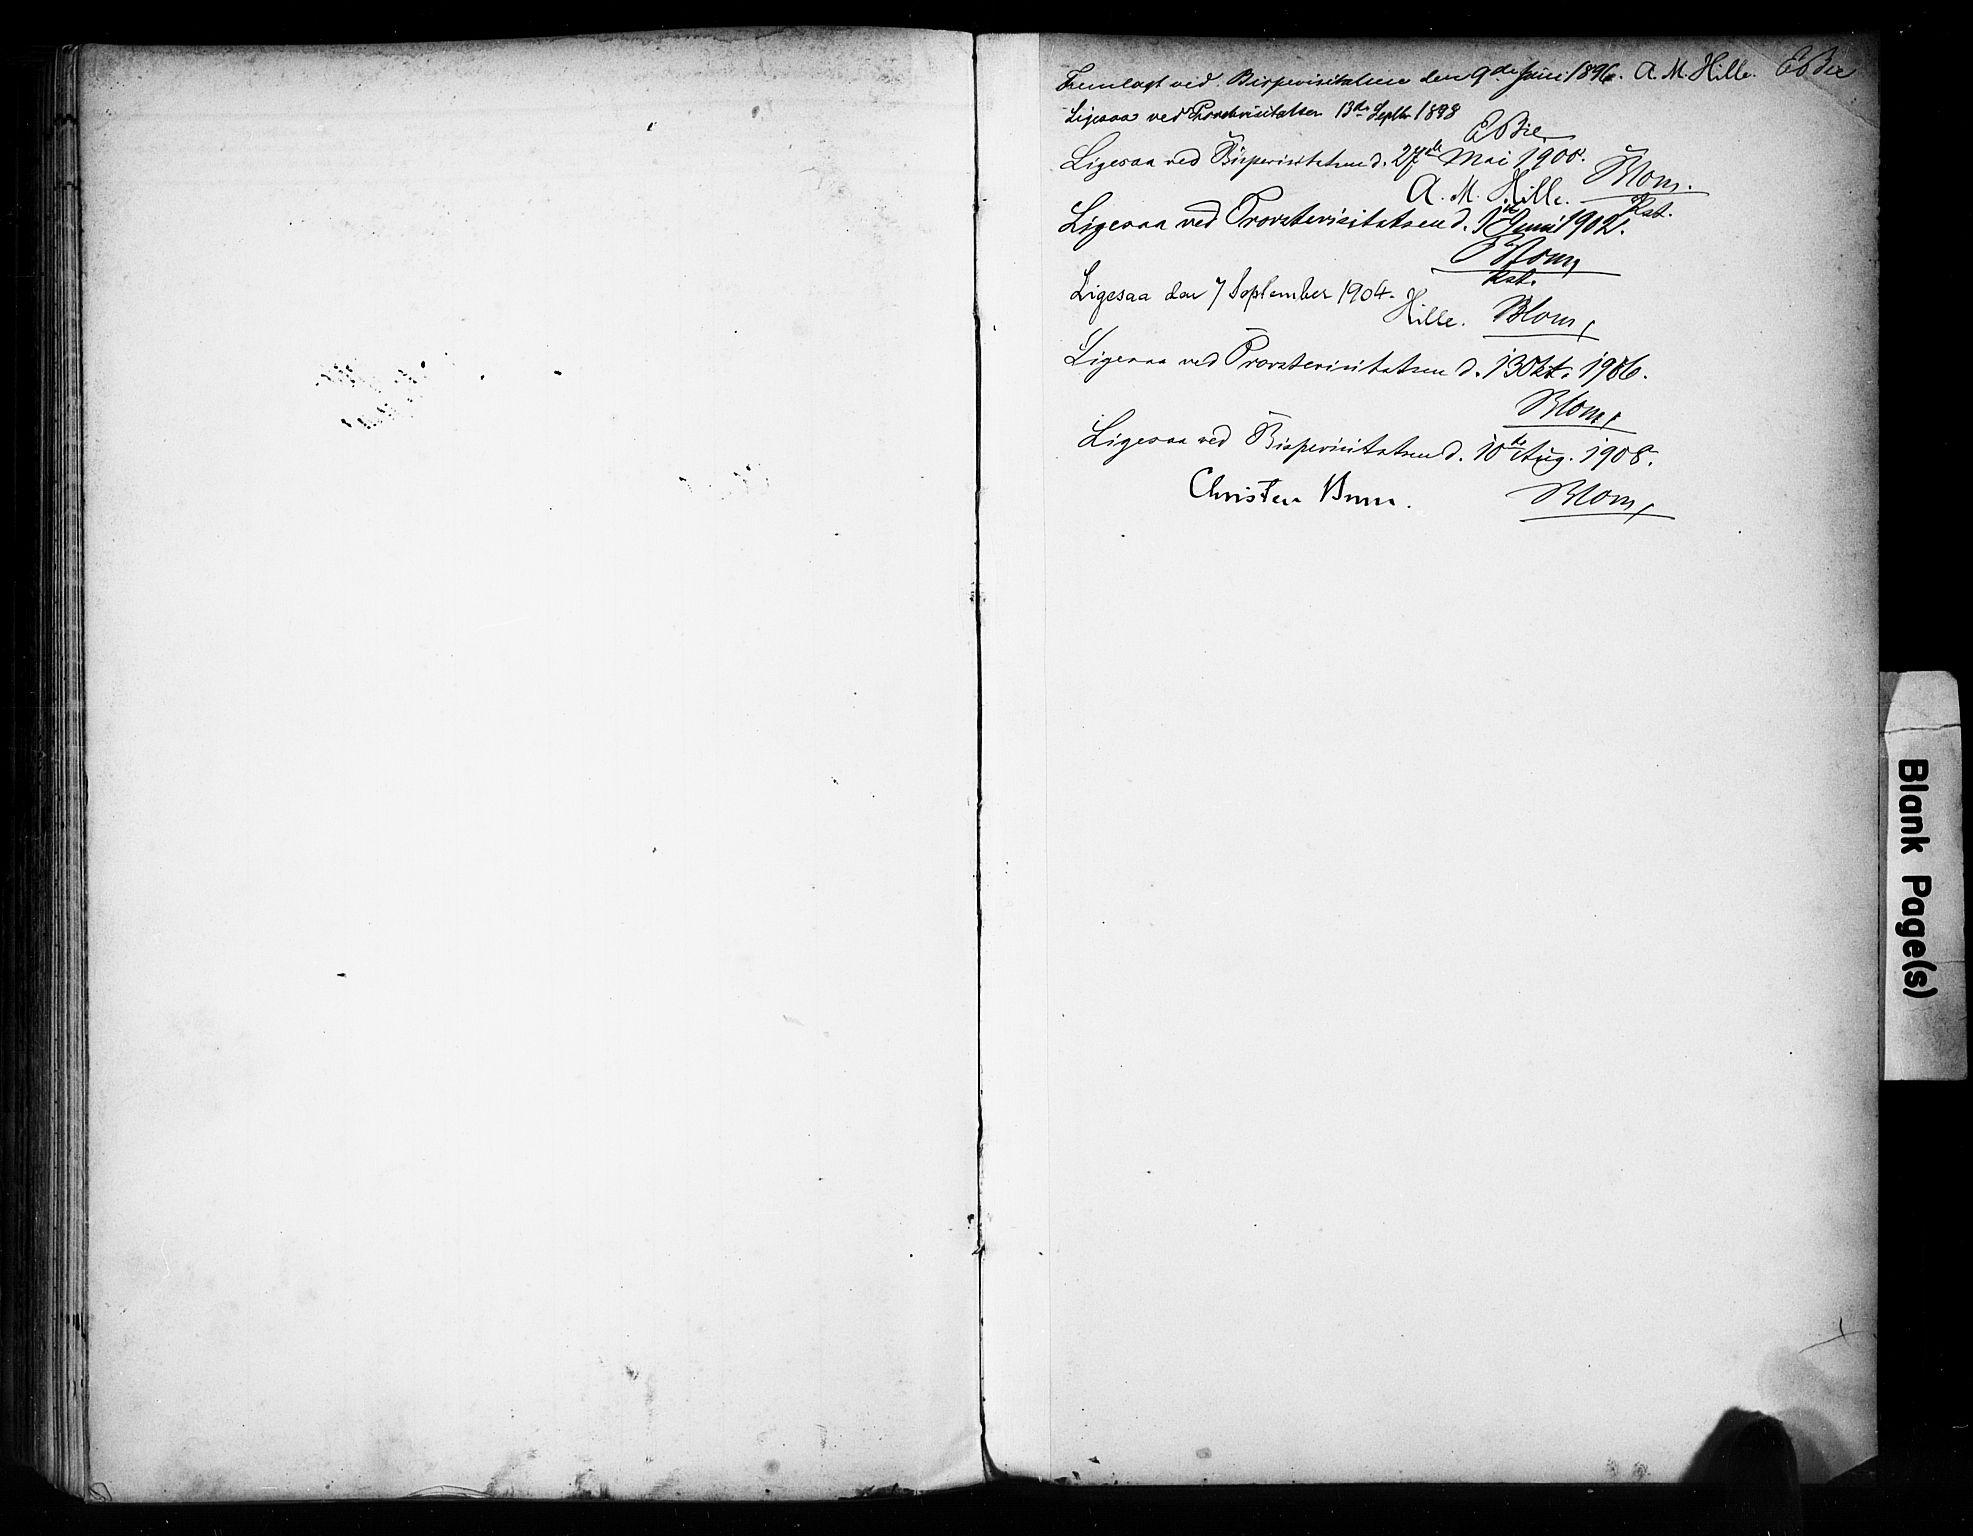 SAH, Vestre Toten prestekontor, Ministerialbok nr. 11, 1895-1906, s. 400